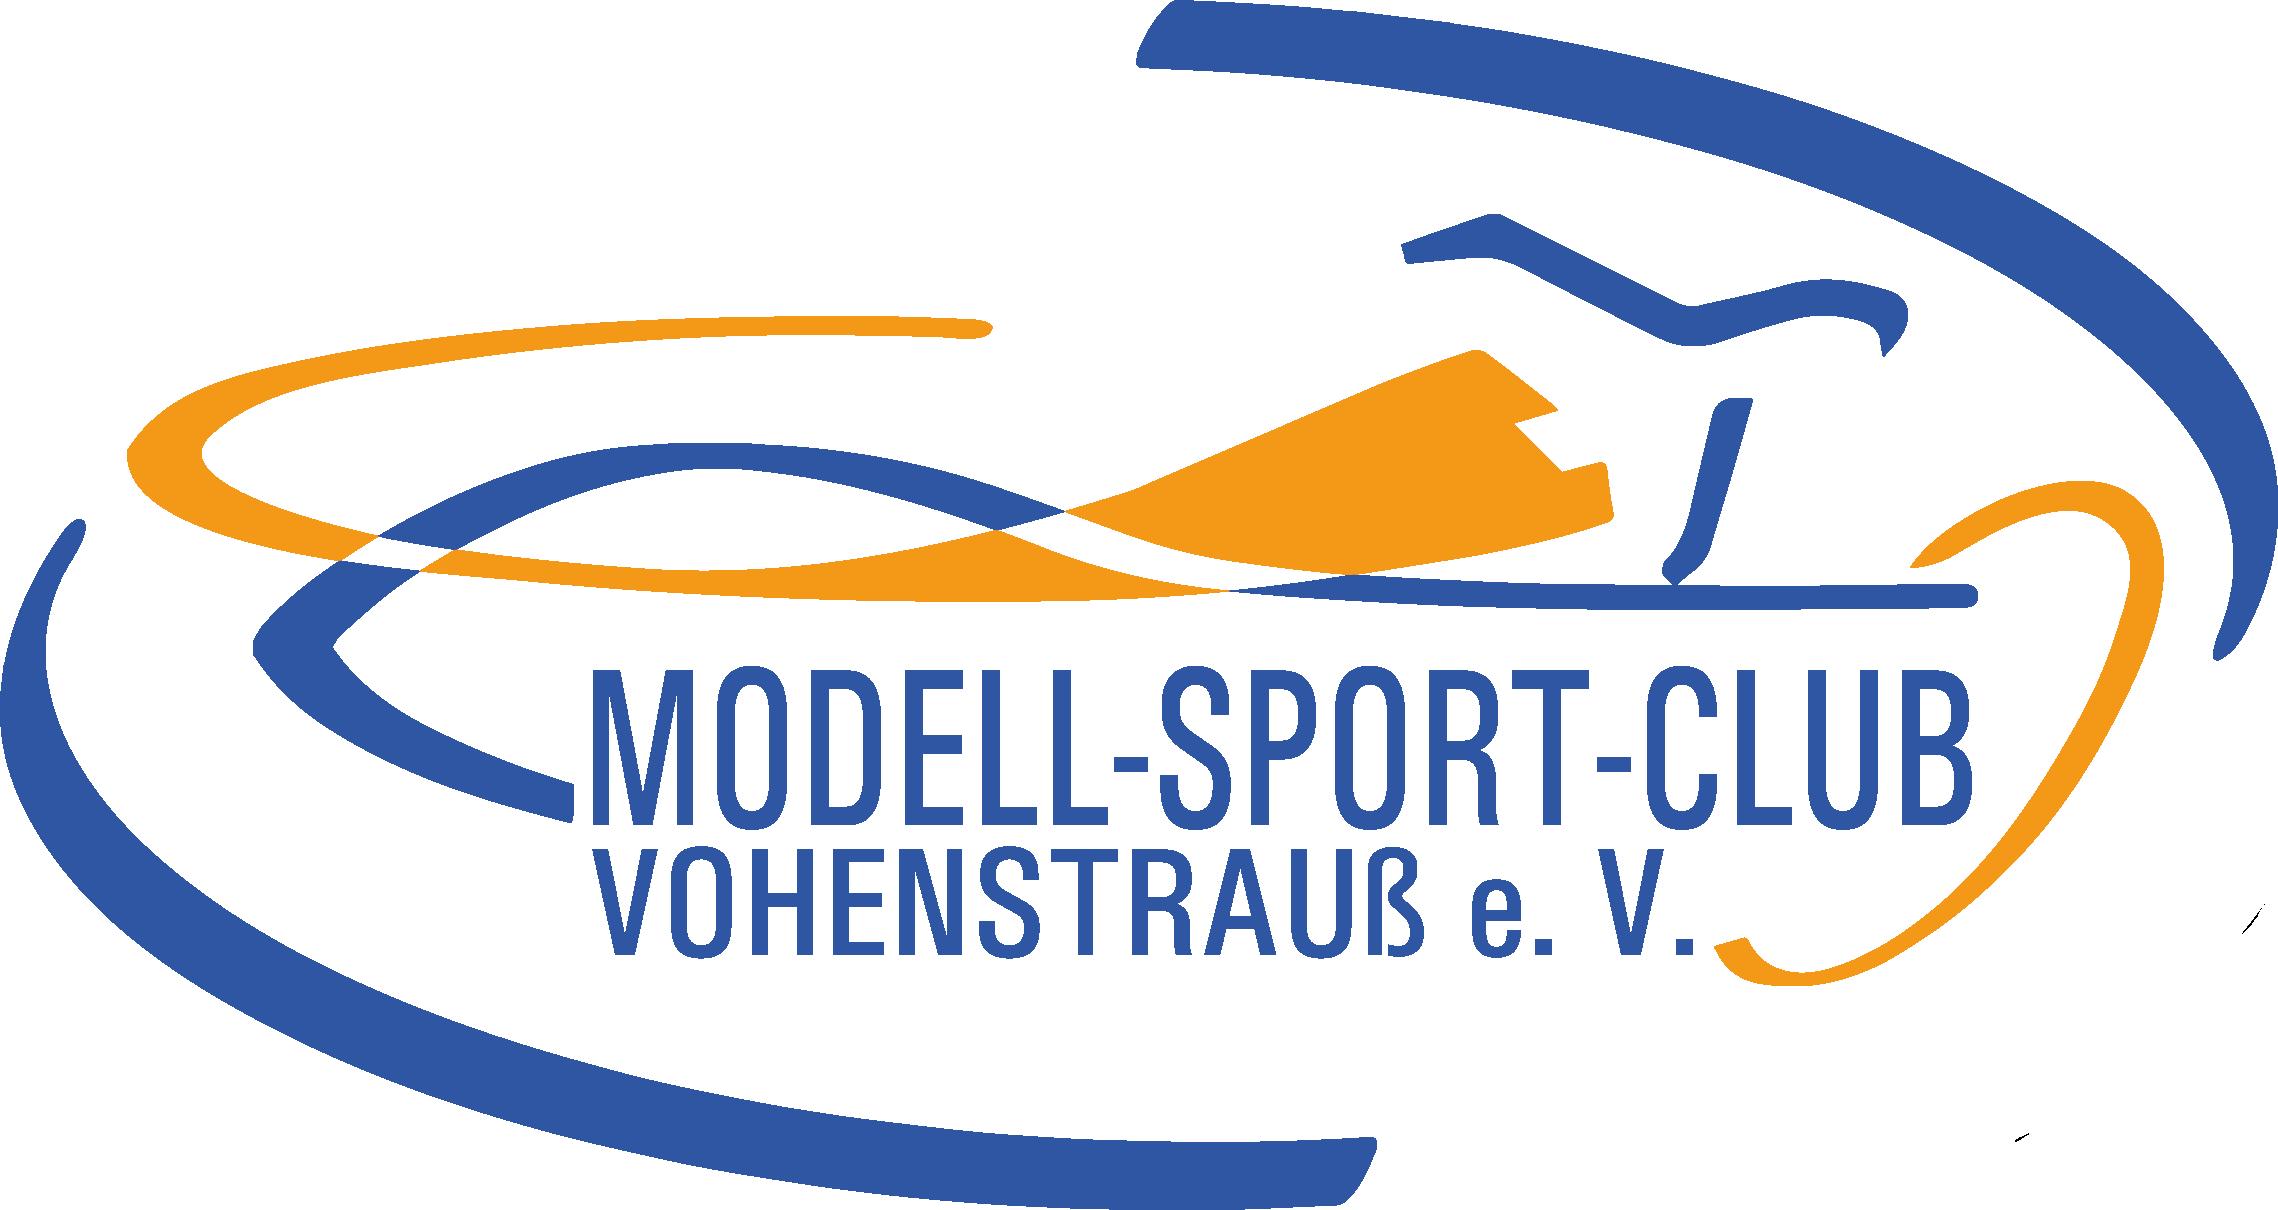 Modell-Sport-Club Vohenstrauß e. V.